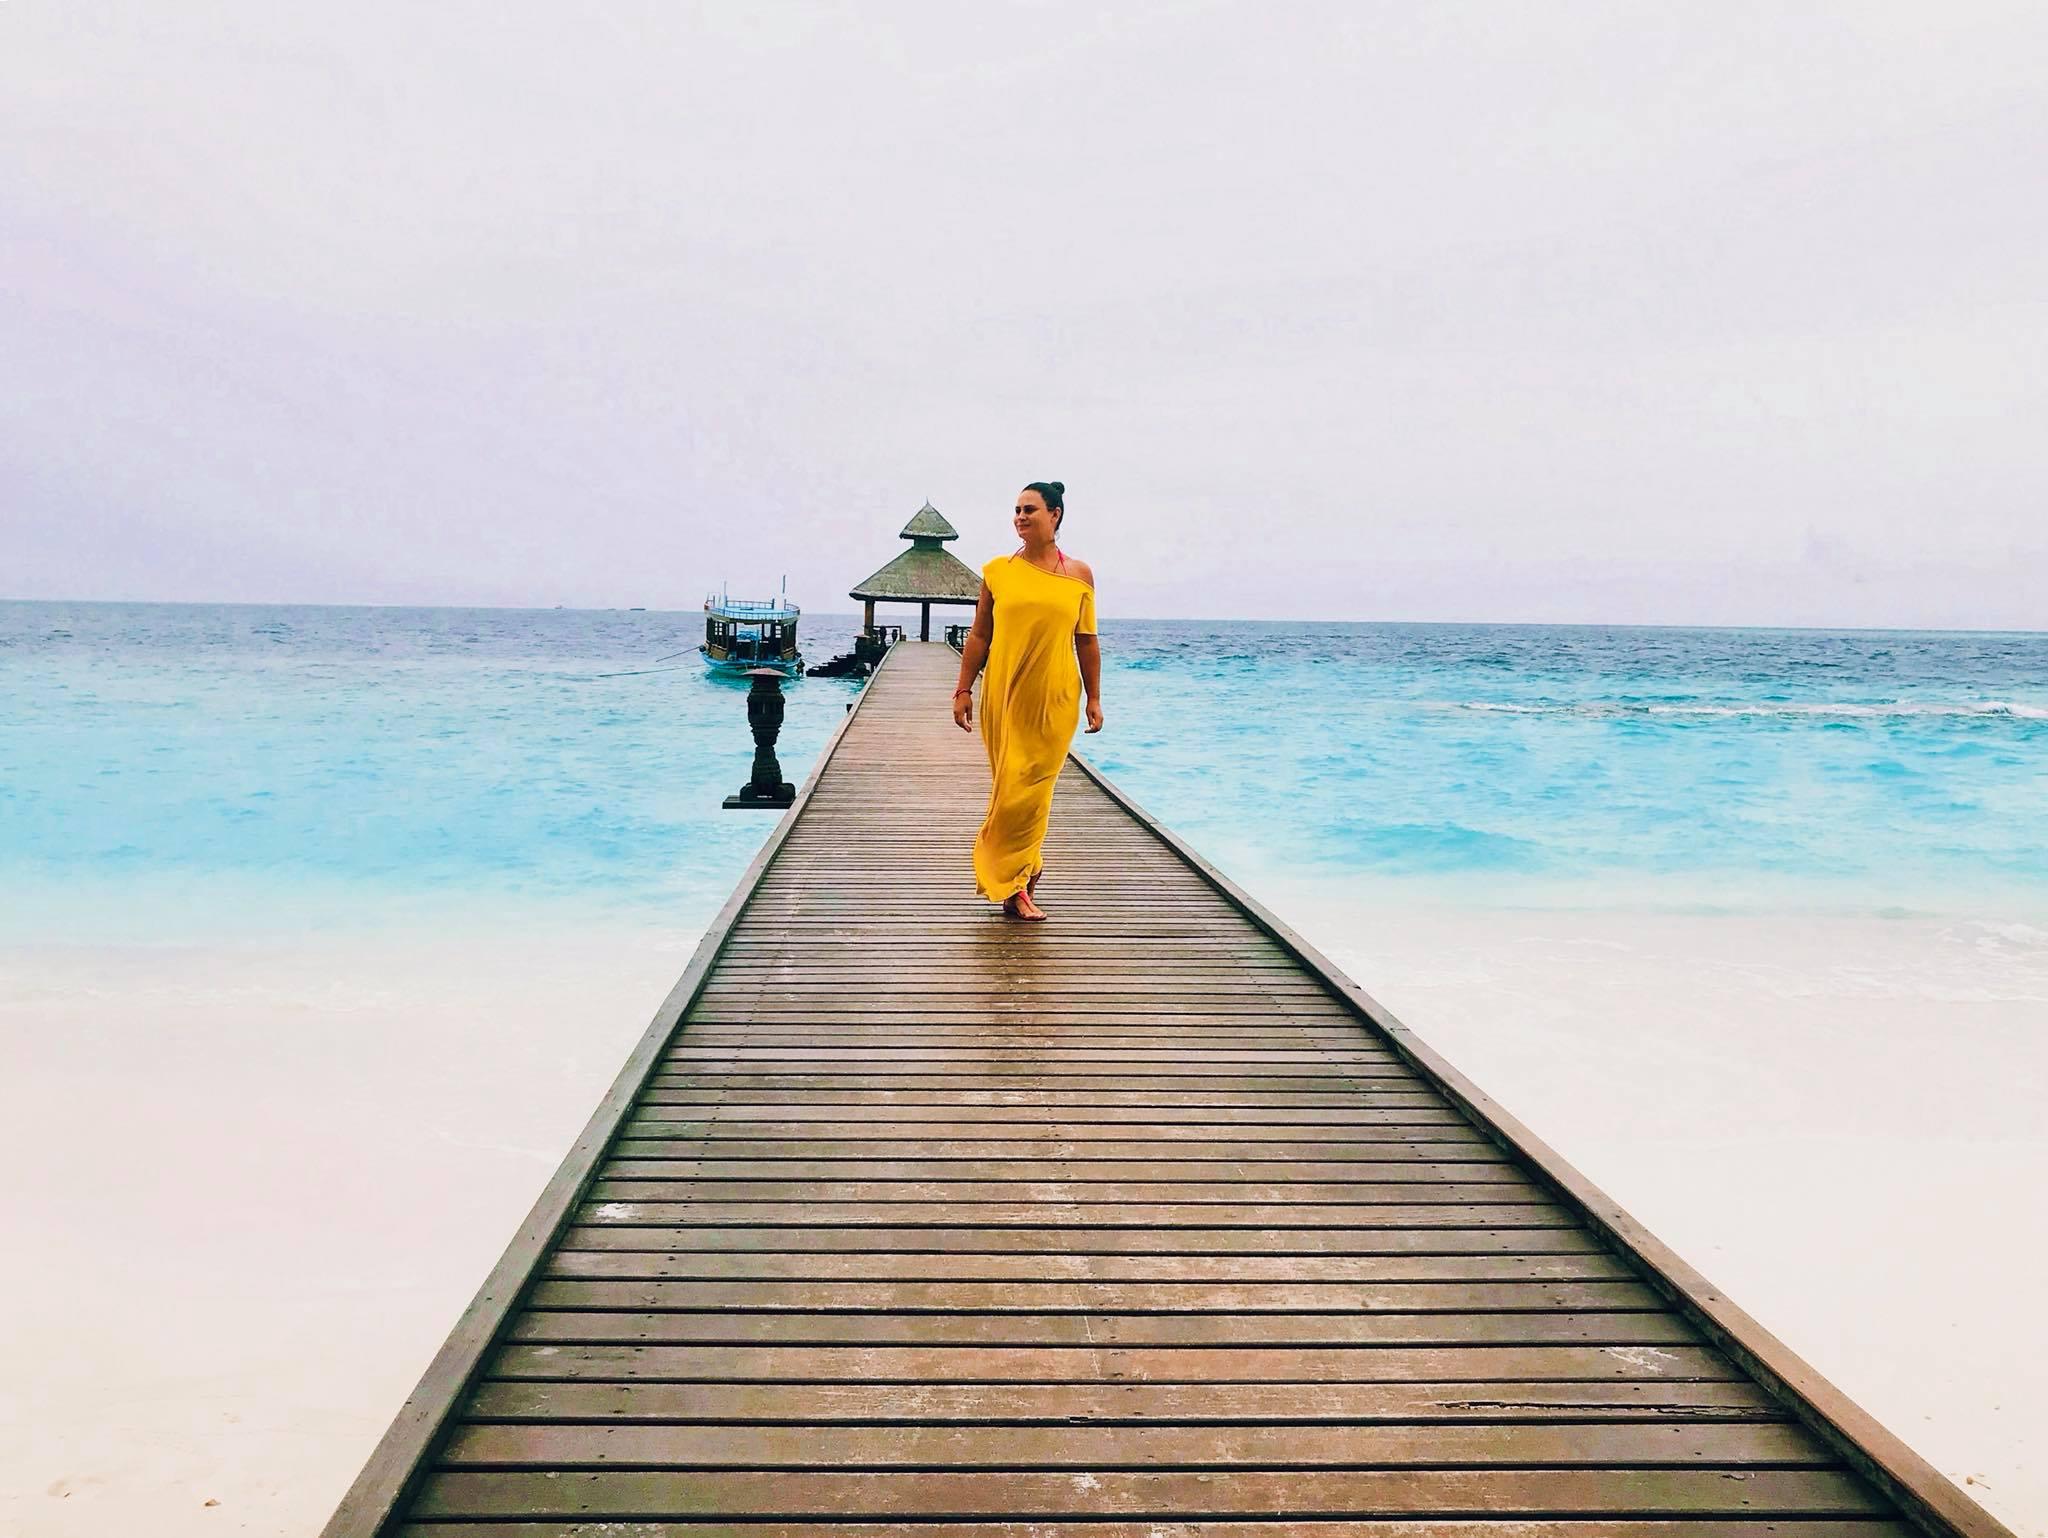 О практике на Мальдивах